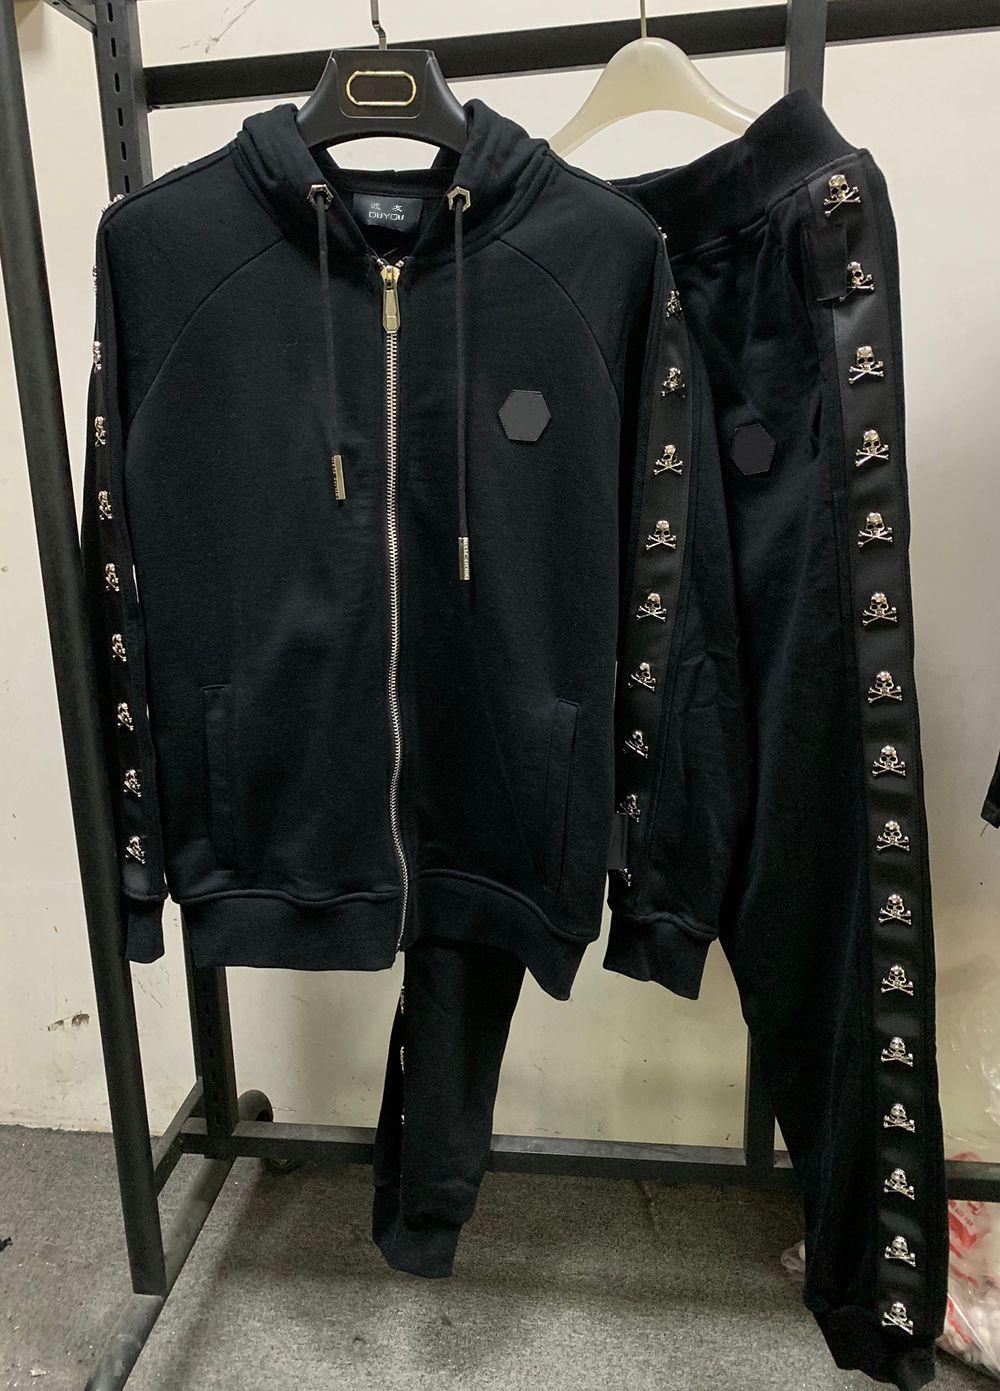 Alemania Moda de lujo Diseñador de lujo Traje de hombre Cráneo de metal Chándal de invierno Sudaderas Hombre Traje Hombres Trajes de seguimiento Conjuntos Juegos de chaqueta + Pantalones 8549